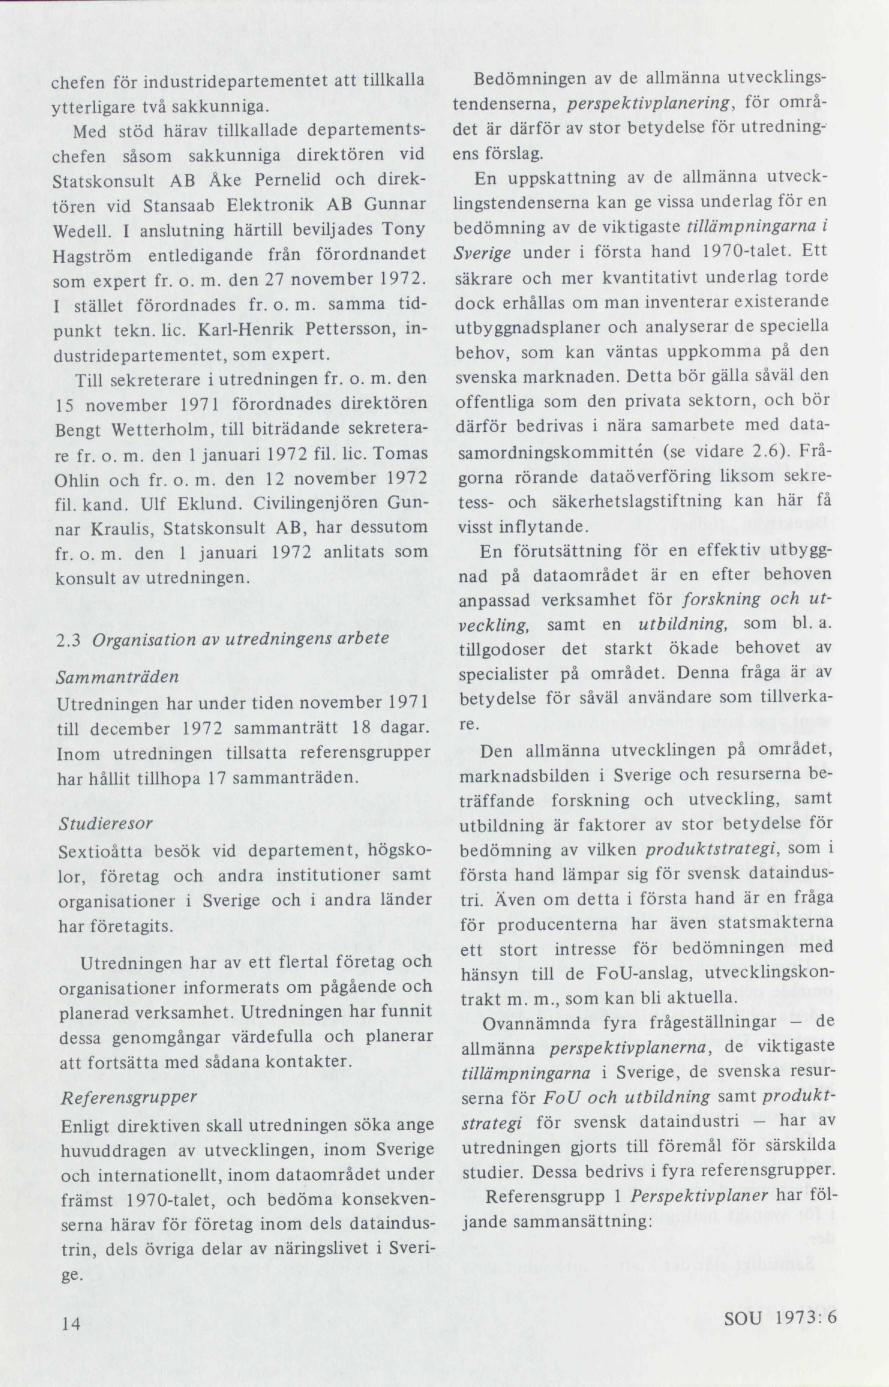 Ledande systemtekniker inom teleomradet